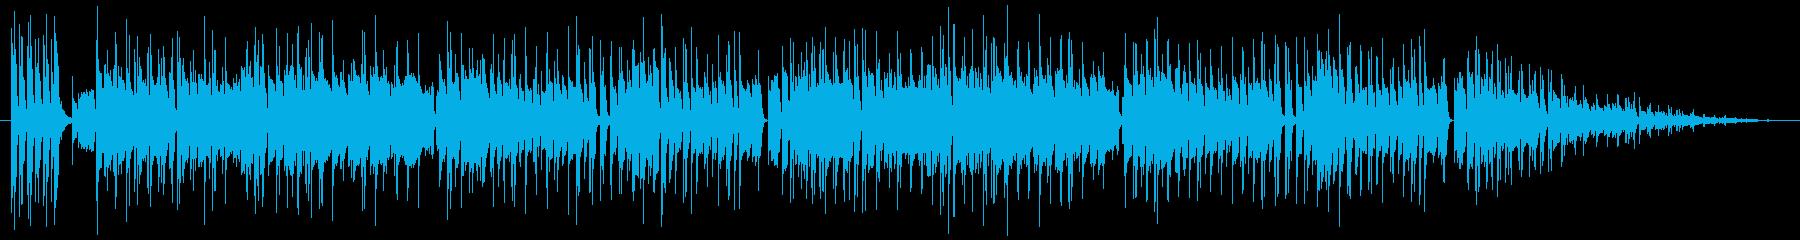 横スクロールアクションの海ステージBGMの再生済みの波形